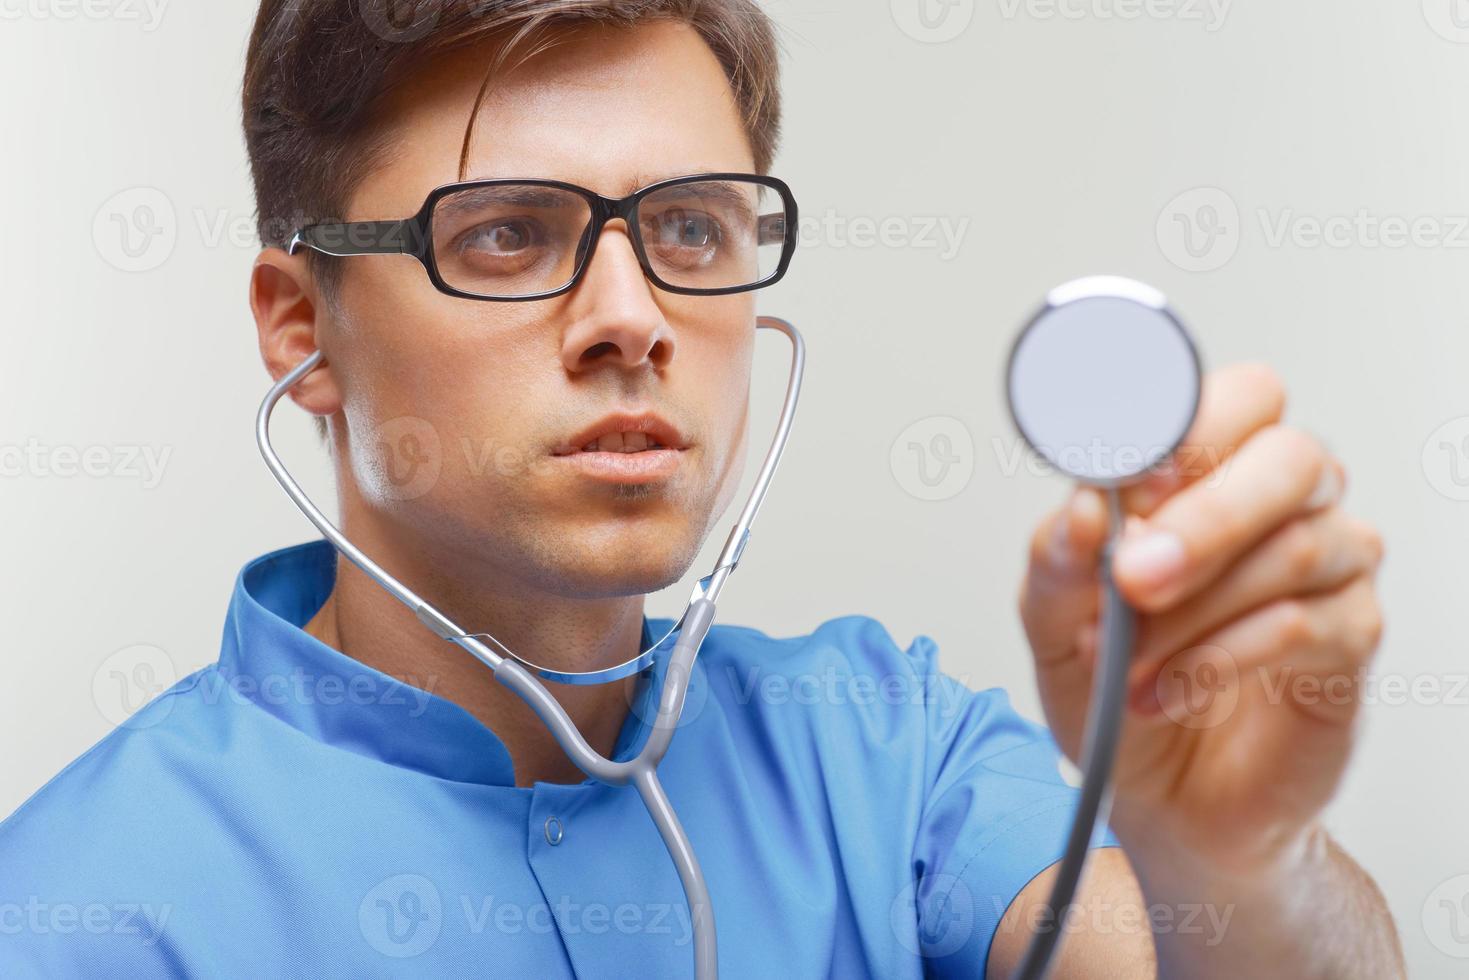 Arzt mit einem Stethoskop in den Händen foto